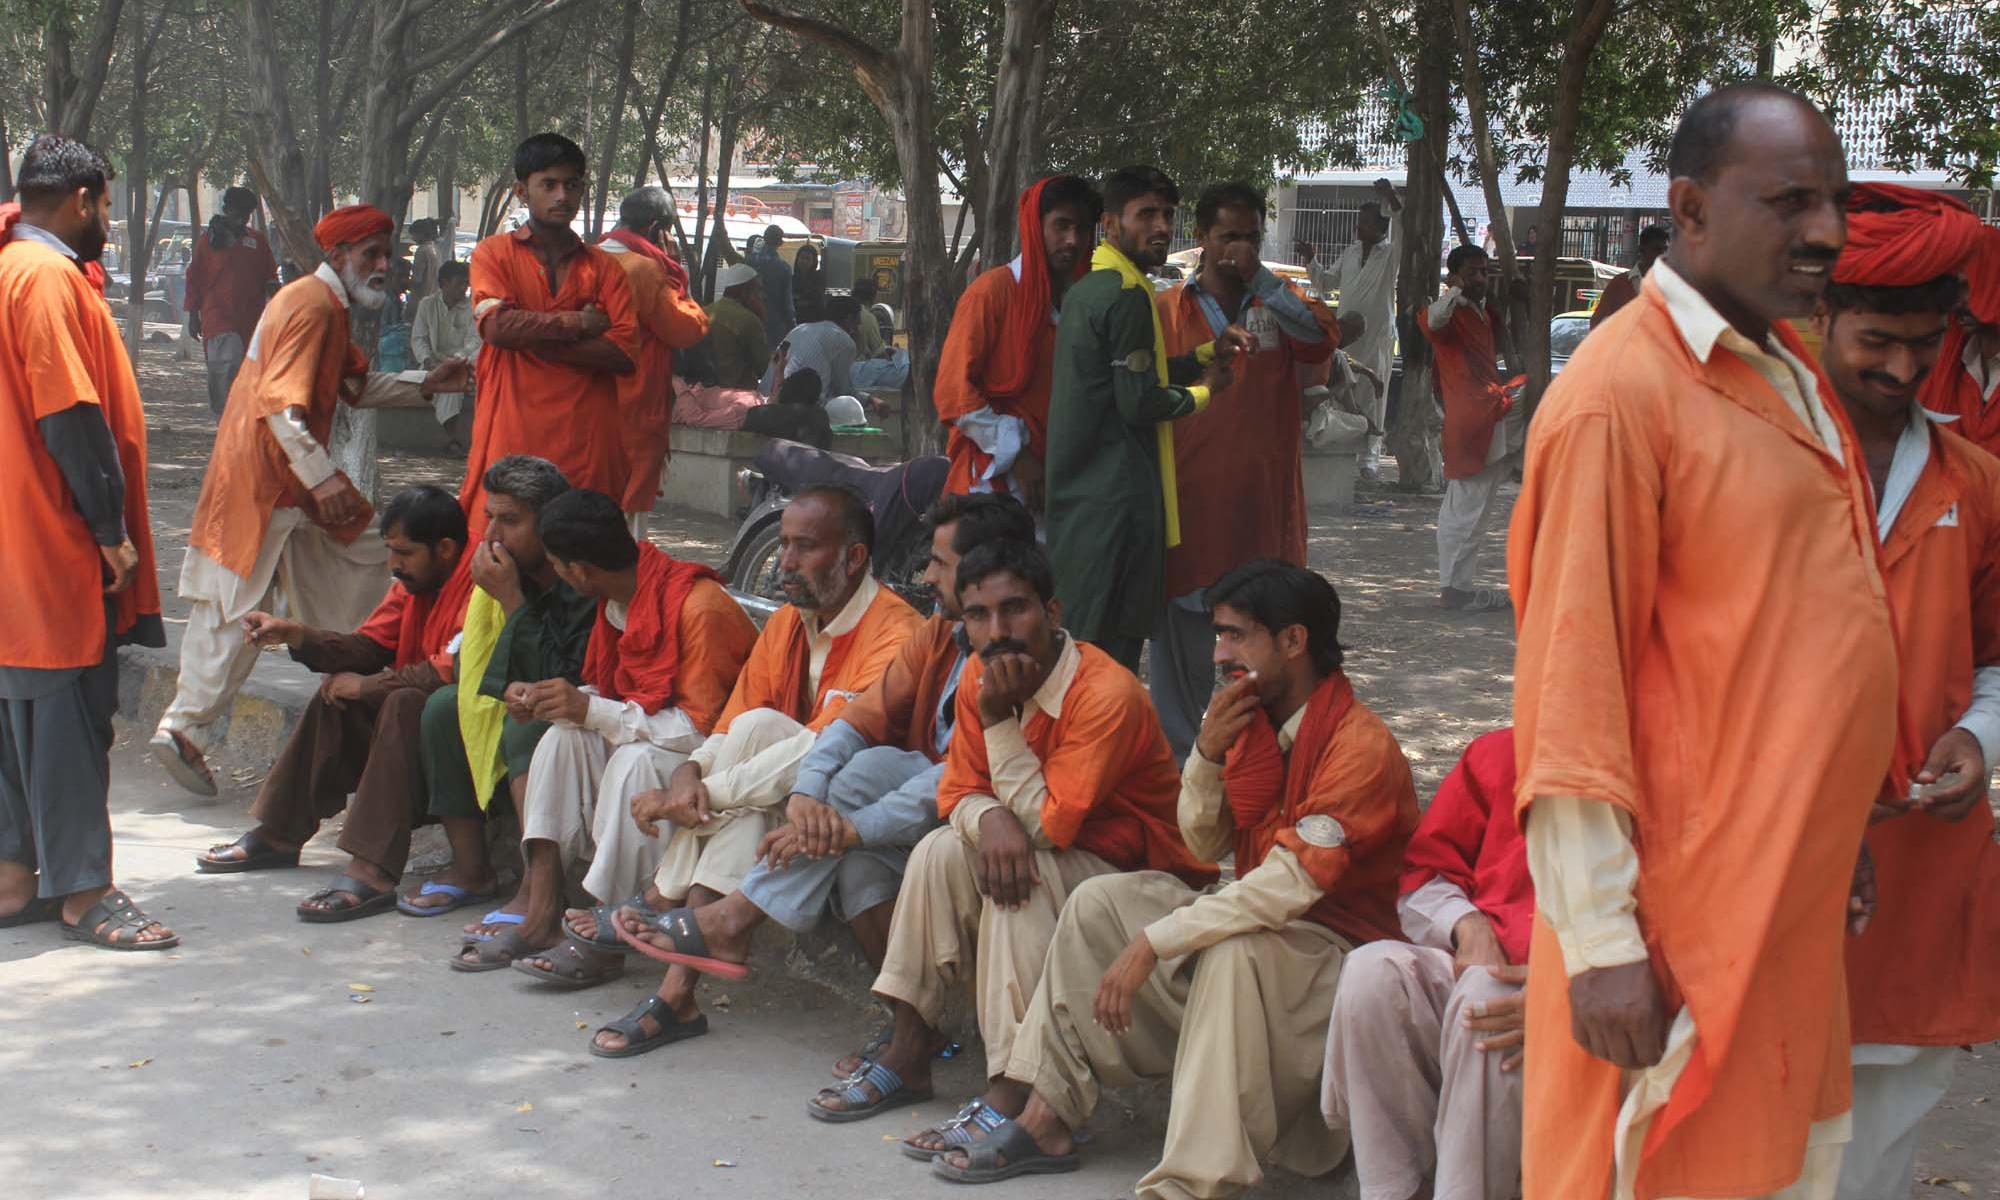 150 سال سے قلی سرخی مائل نارنجی رنگ کا یونی فارم پہنے نظر آتے تھے — فوٹو :  پی پی آئی